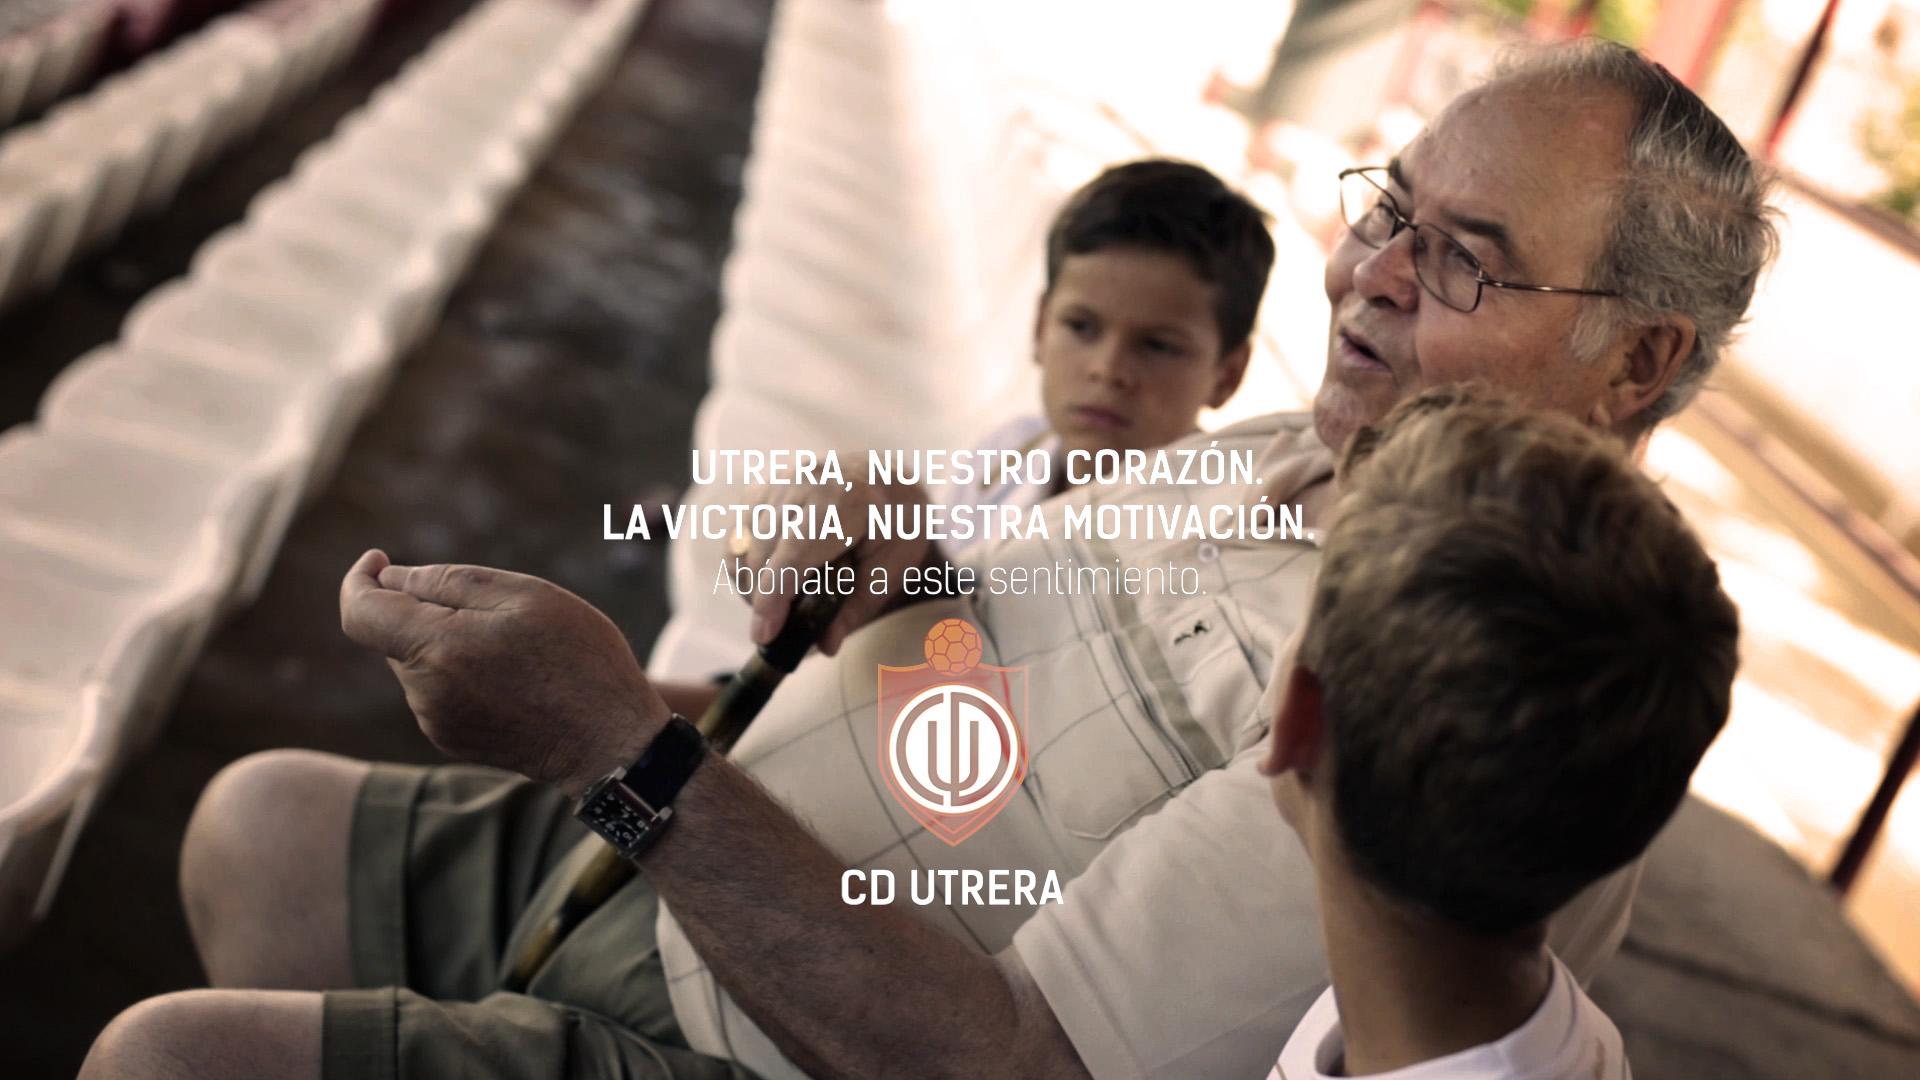 C.D. UTRERA